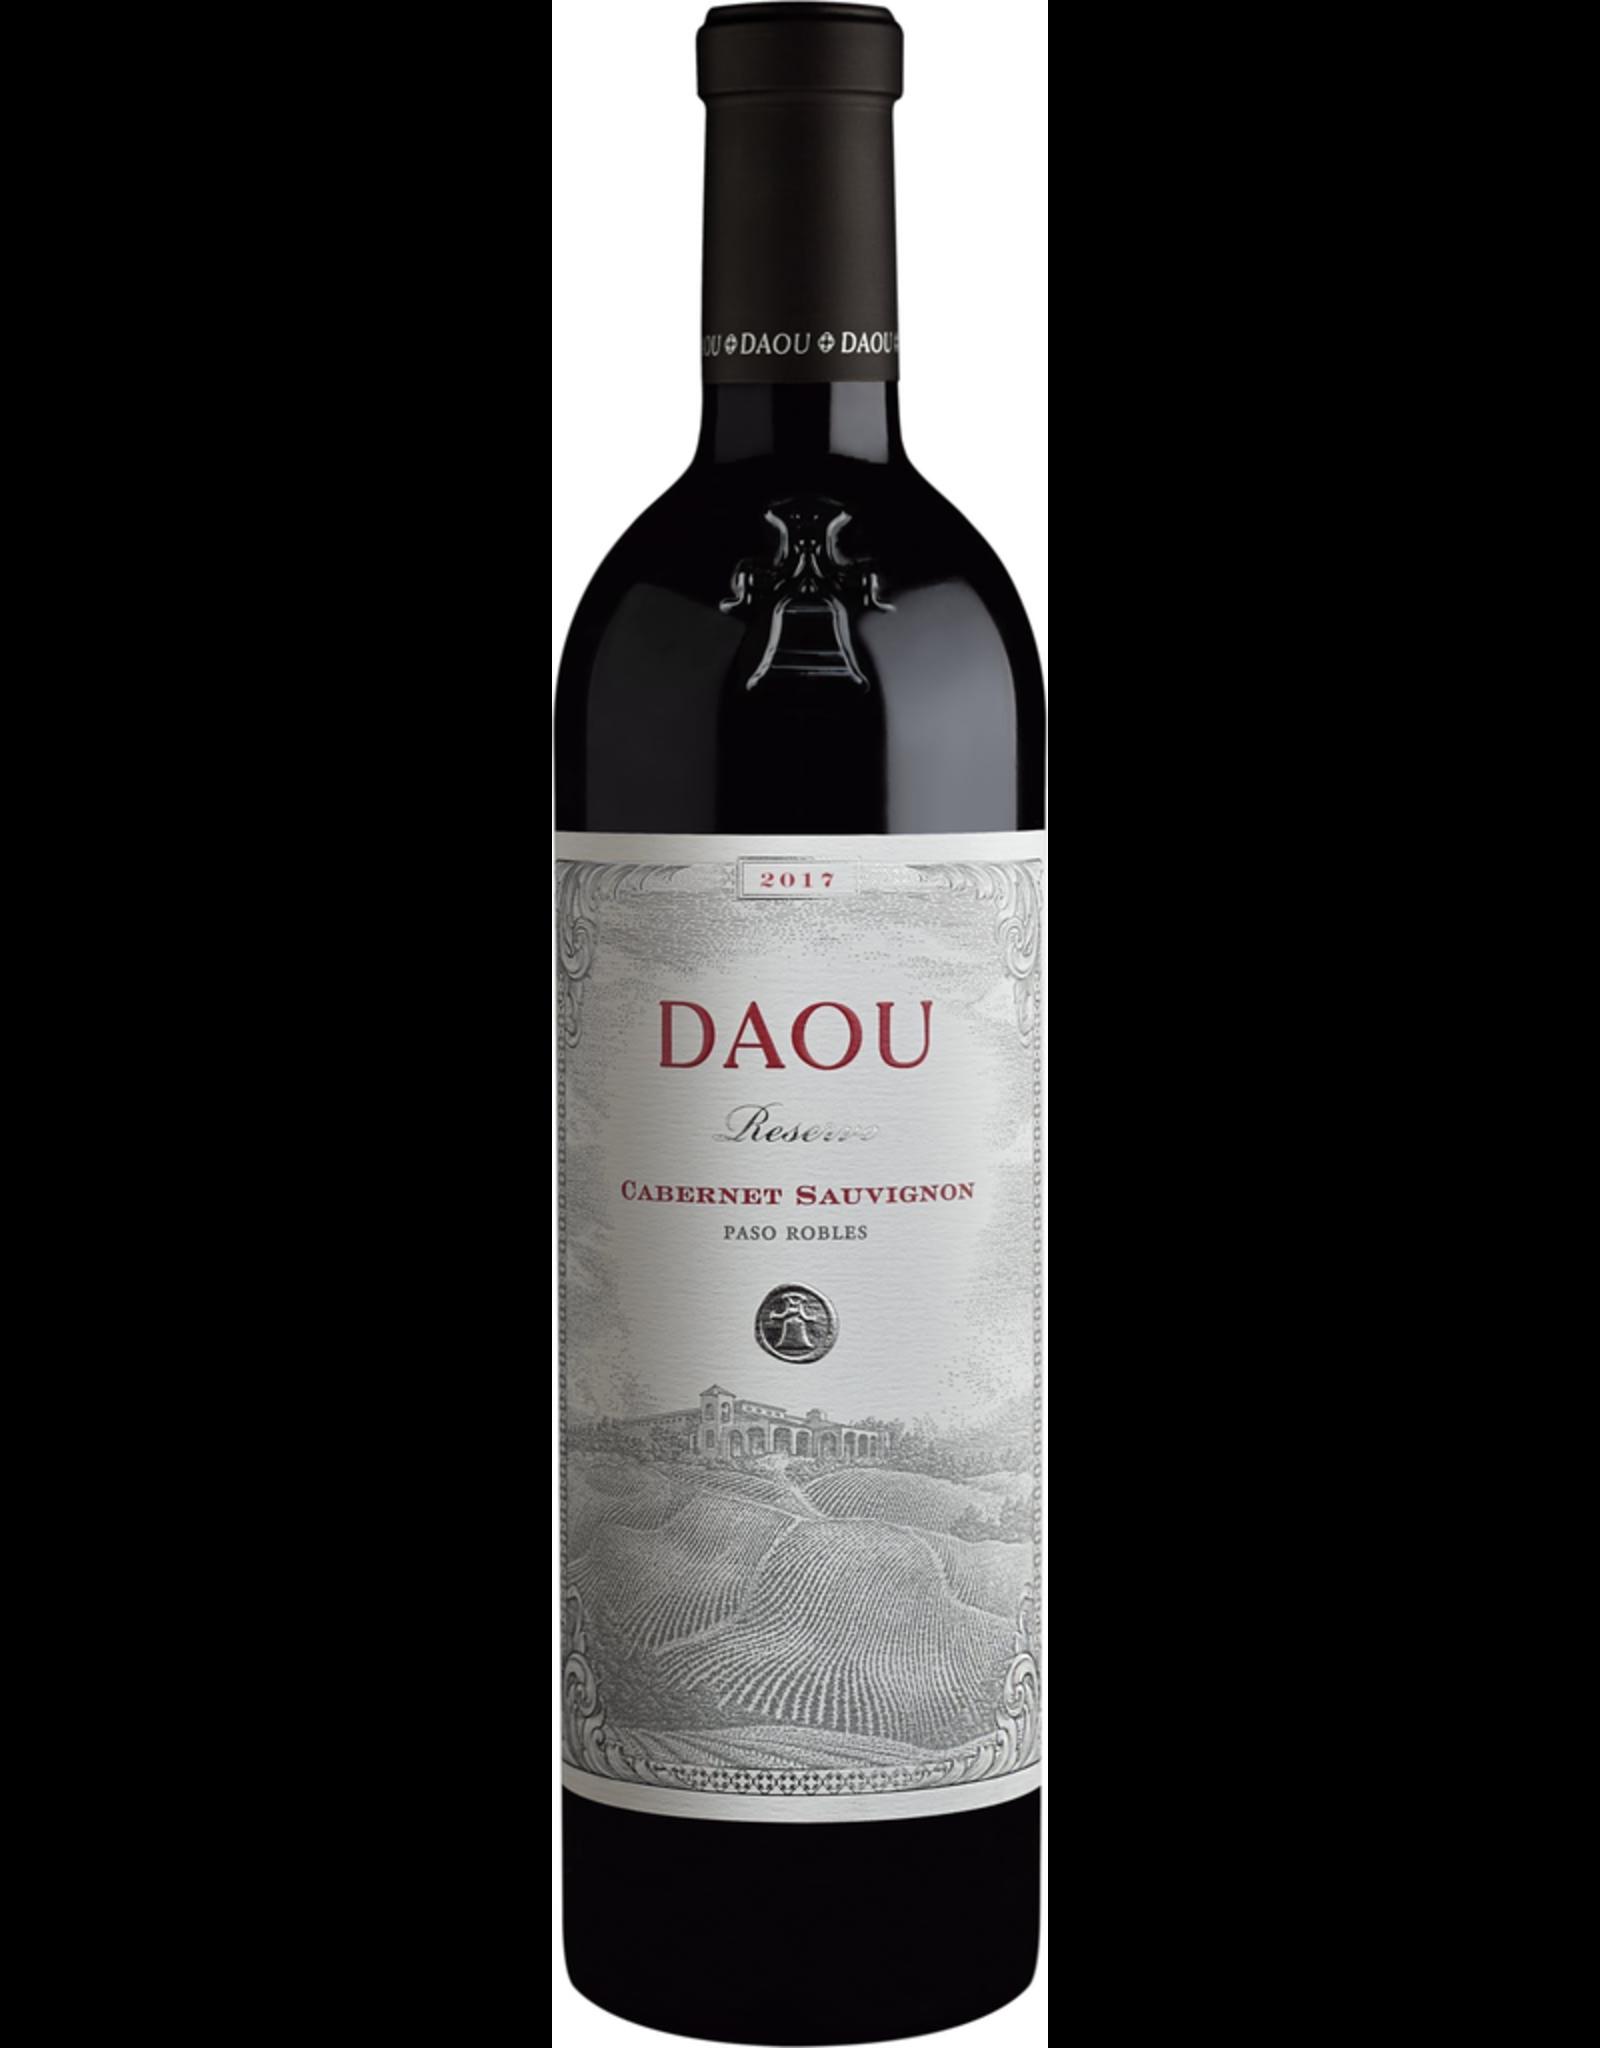 Red Wine 2017, DAOU Vineyards Reserve, Cabernet Sauvignon, Paso Robles, Central Coast, California, 14.8% Alc, CT 89.3